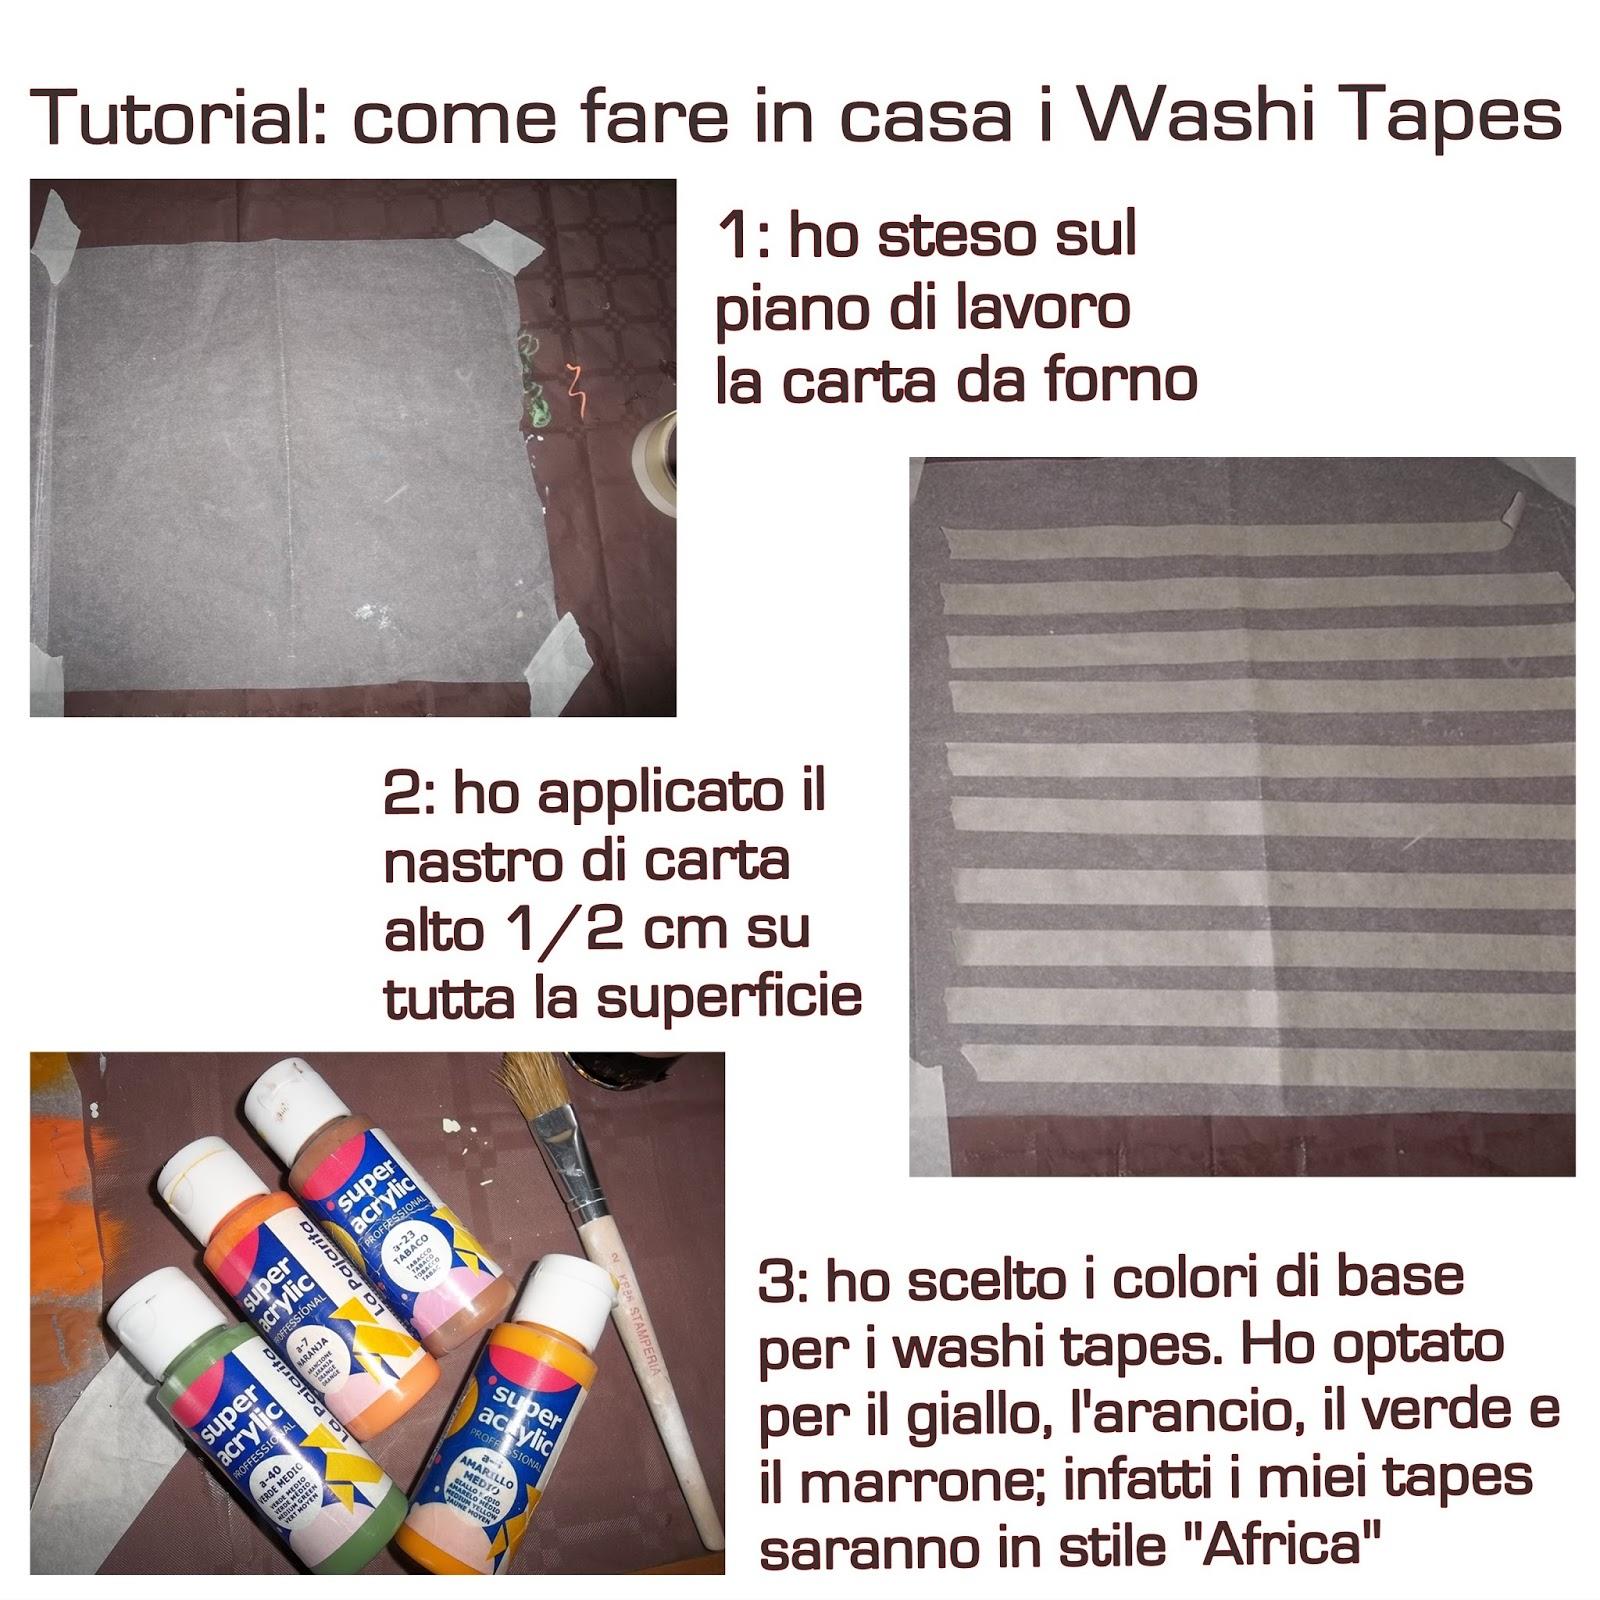 Come Fare Profumi Per La Casa : La ricicleria di chi tutorial washi tape come fare in